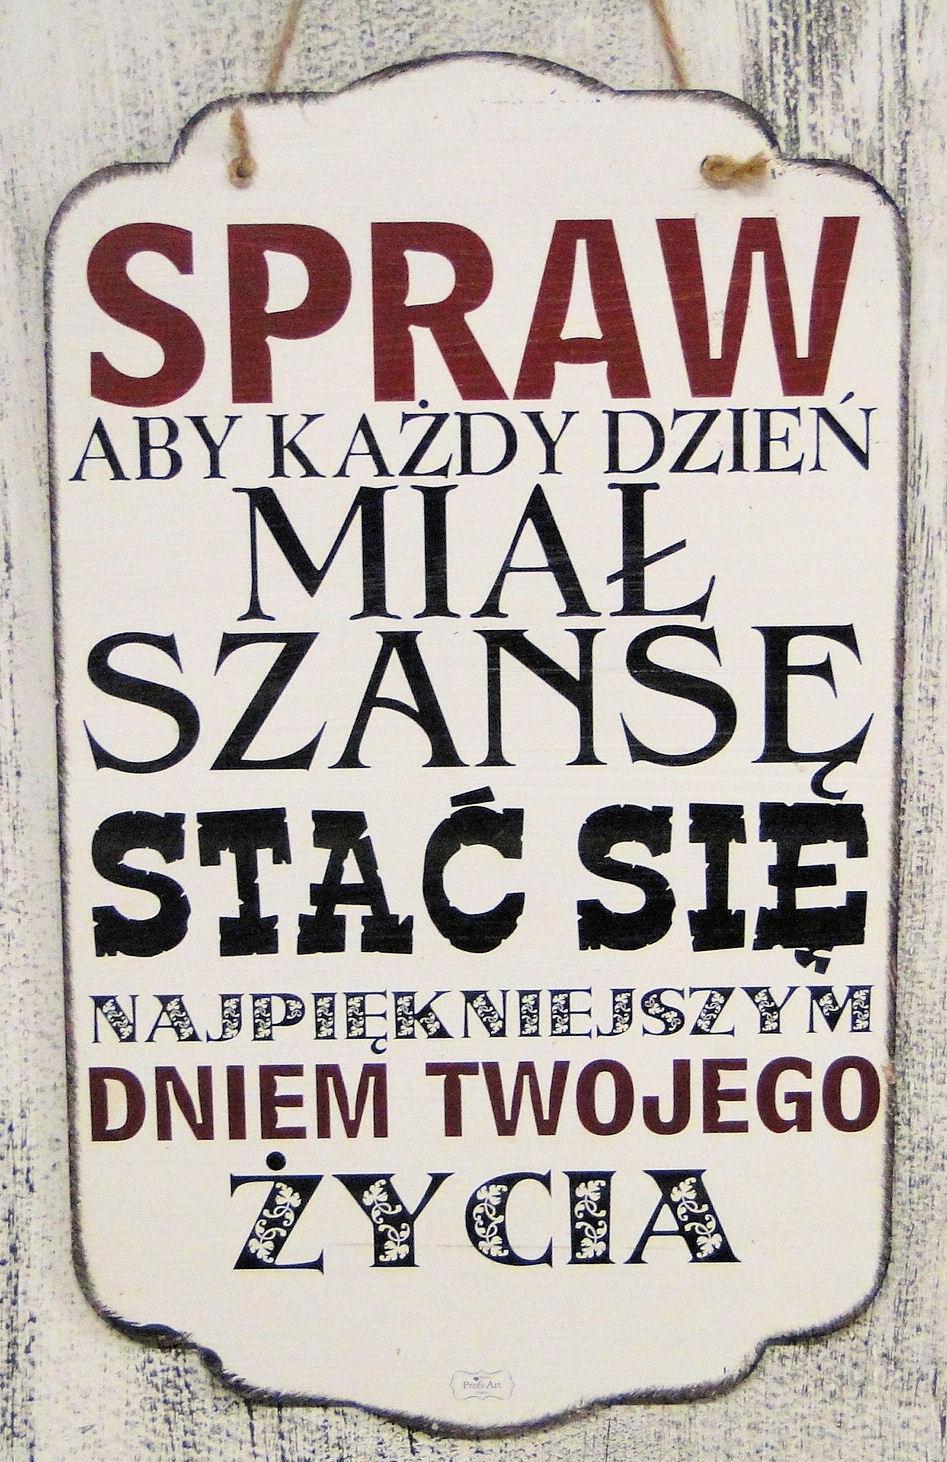 SPRAW ABY KAŻDY DZIEŃ TV1702.jpg